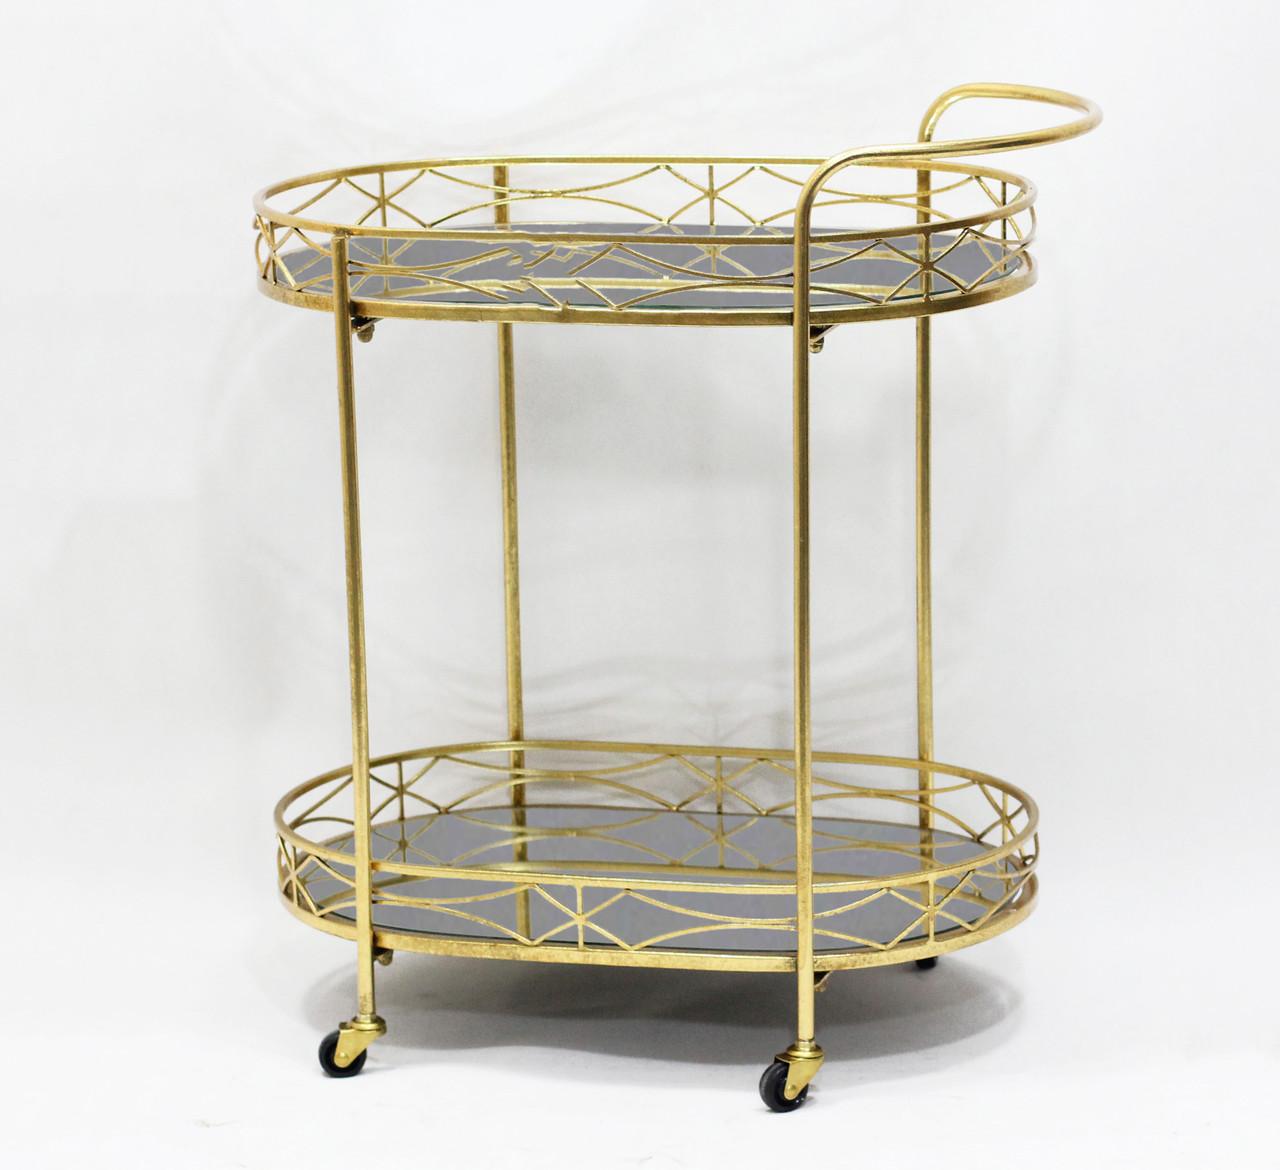 Сервировочный столик золотой на колесах из металла с черной стеклянной столешницей Гранд Презент 50158A